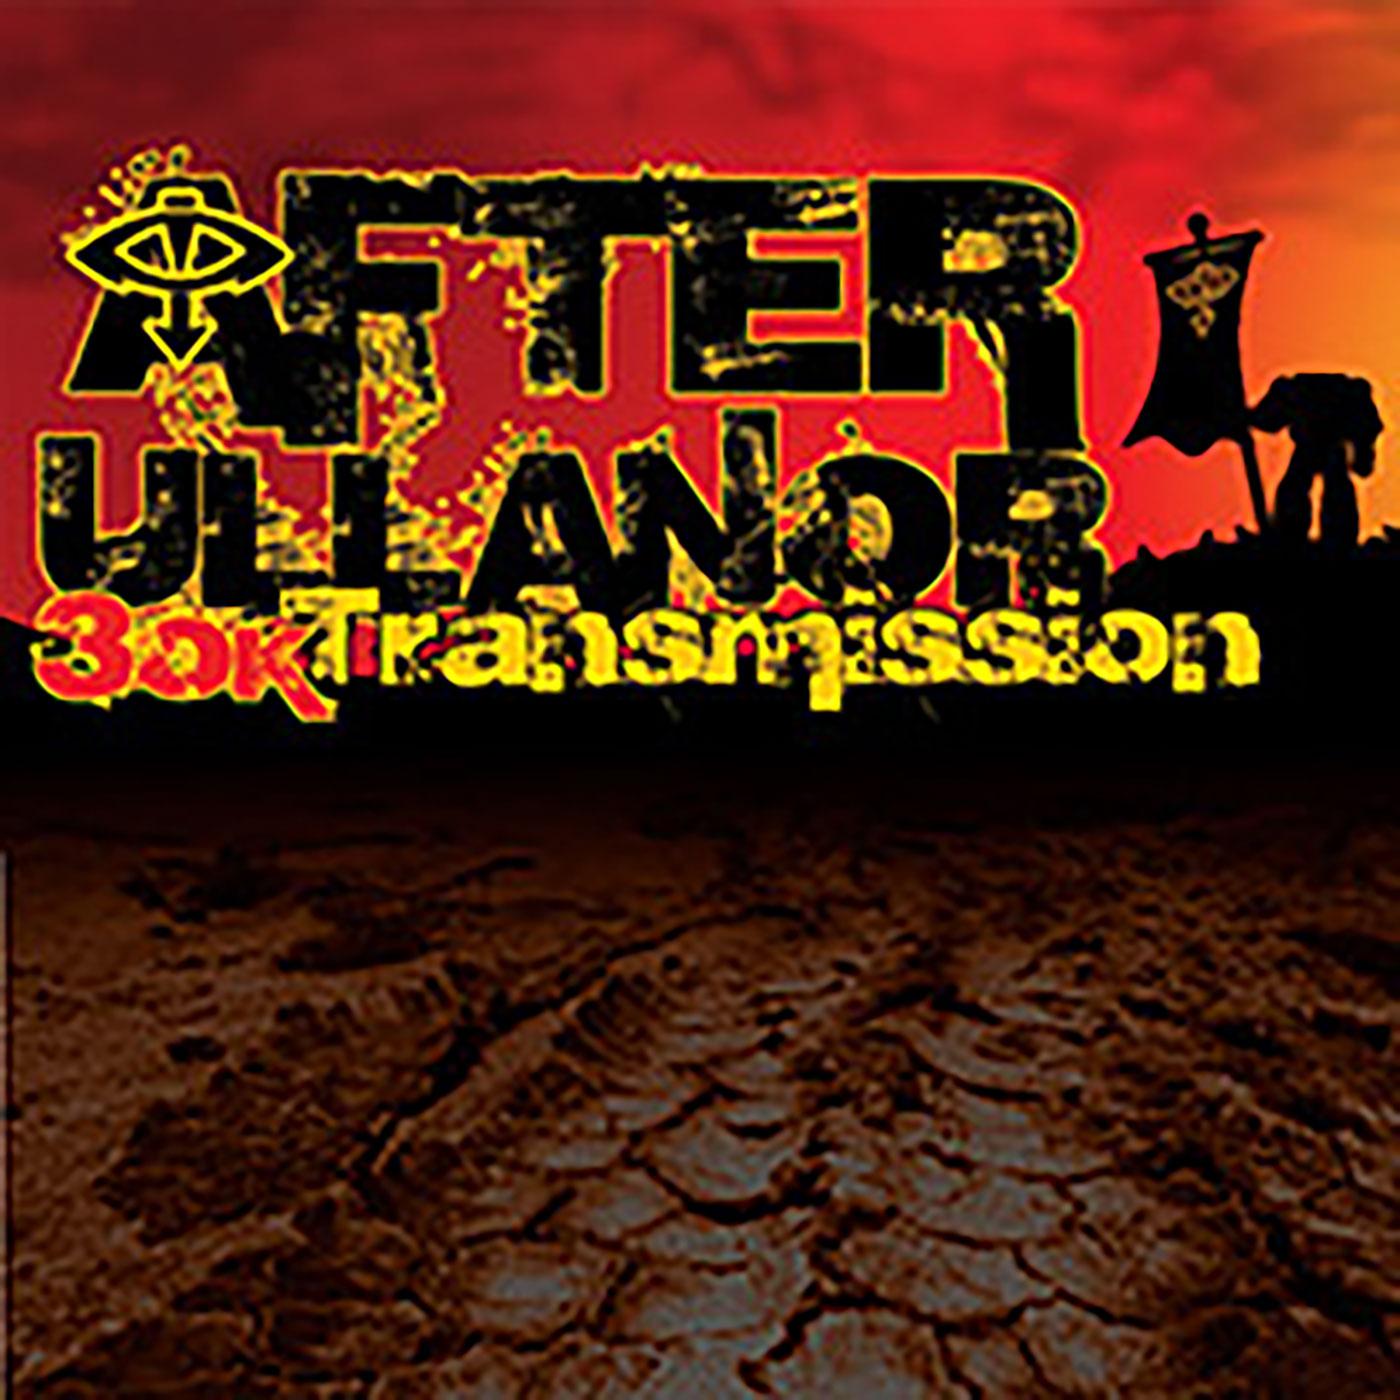 After Ullanor 30K Transmission logo